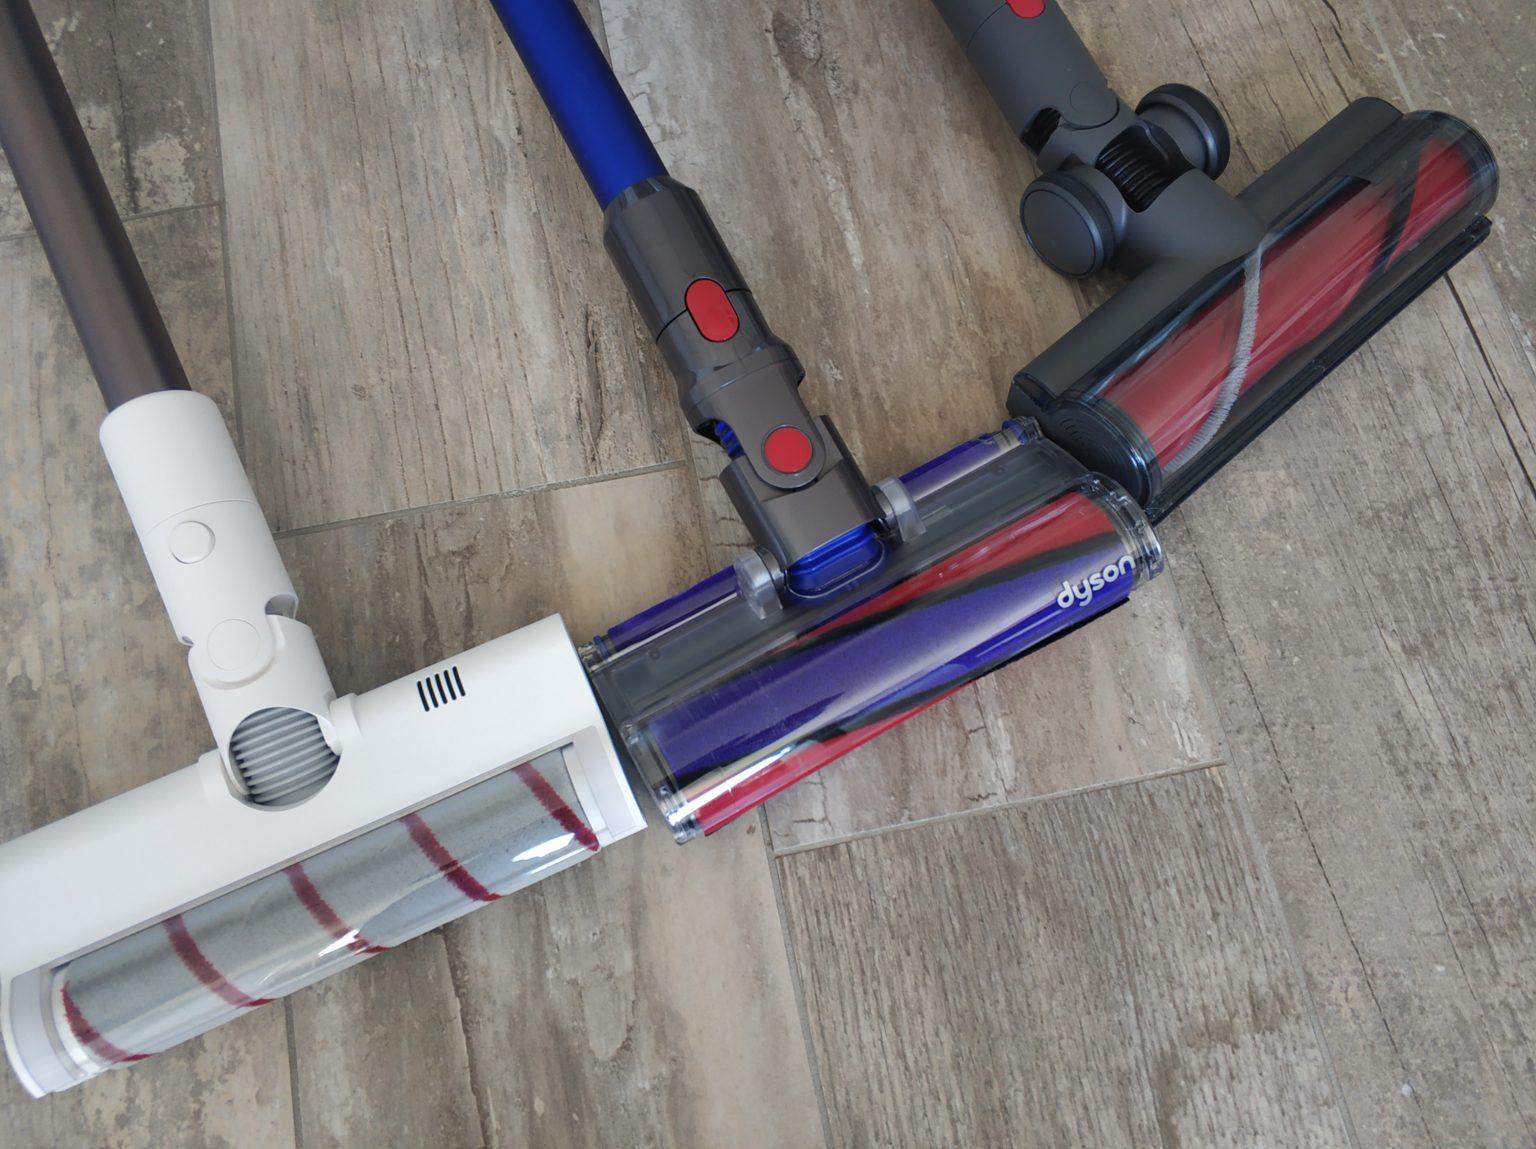 Comparación de los rodillos de las aspiradoras inalámbricas Roborock H6, Dyson V11 Absolute y Dreame XR